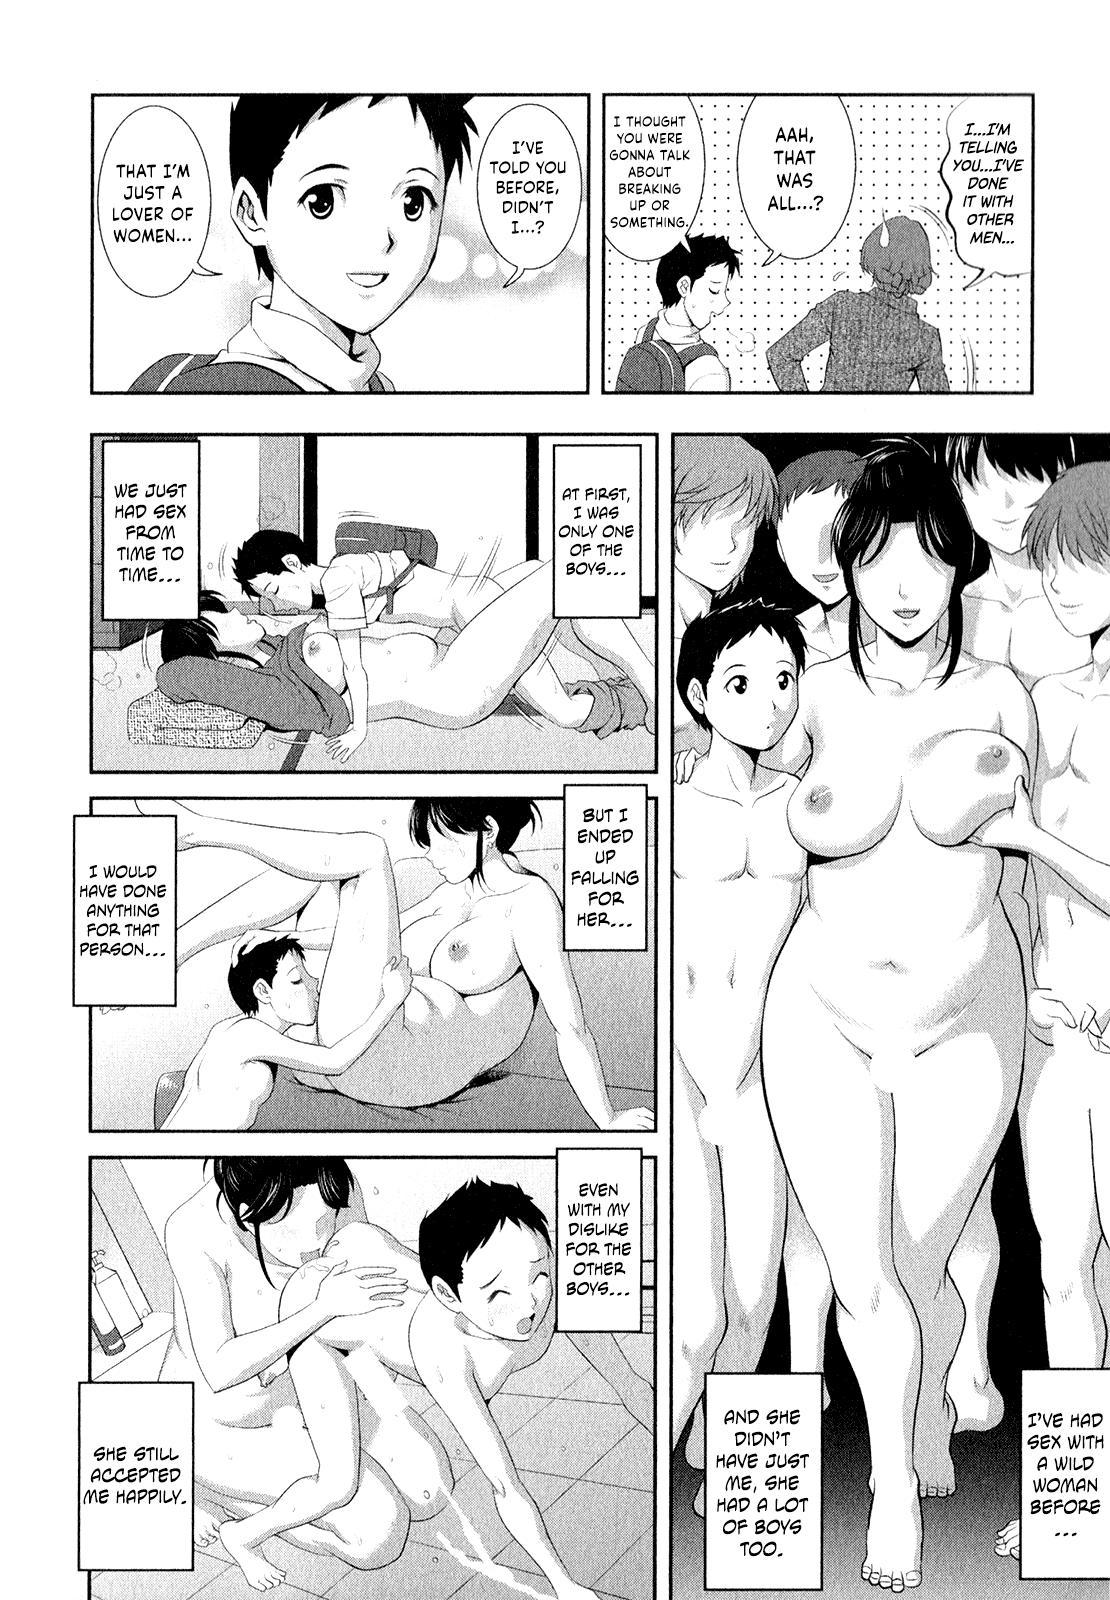 [Saigado] Hitozuma Audrey-san no Himitsu ~30-sai kara no Furyou Tsuma Kouza~ - Vol. 2 [English] {Hennojin} 18